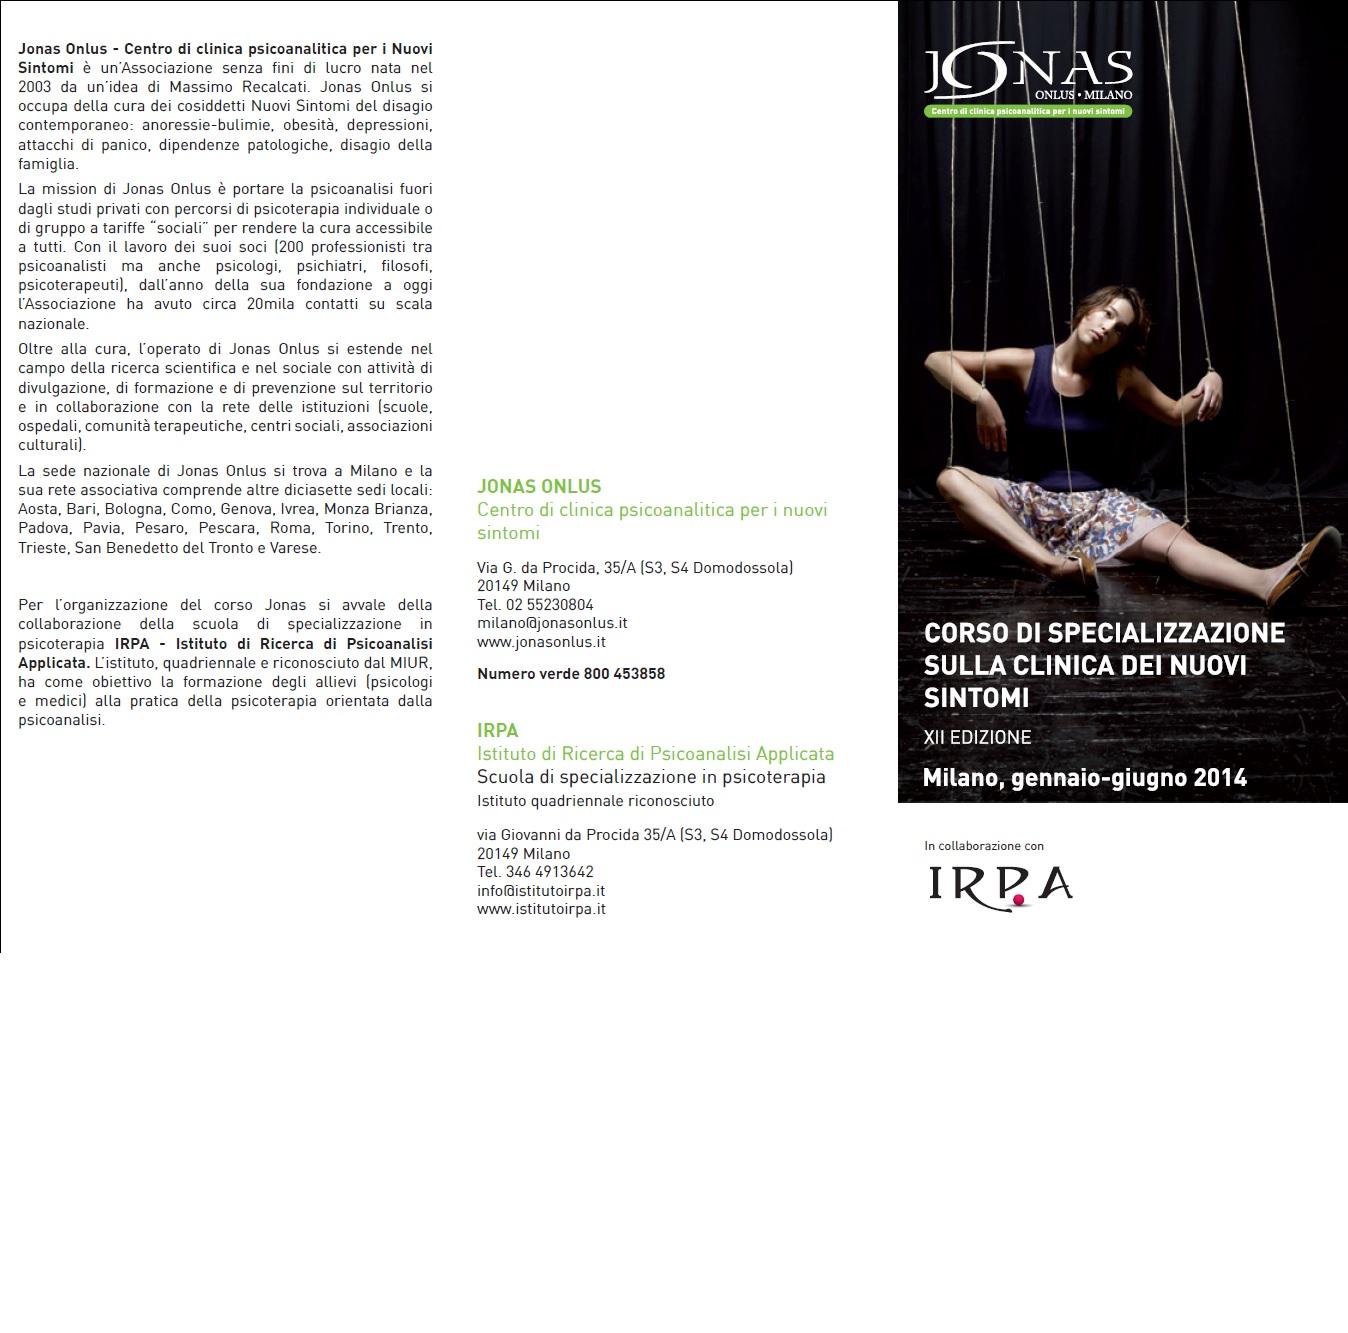 Corso di Specializzazione Jonas